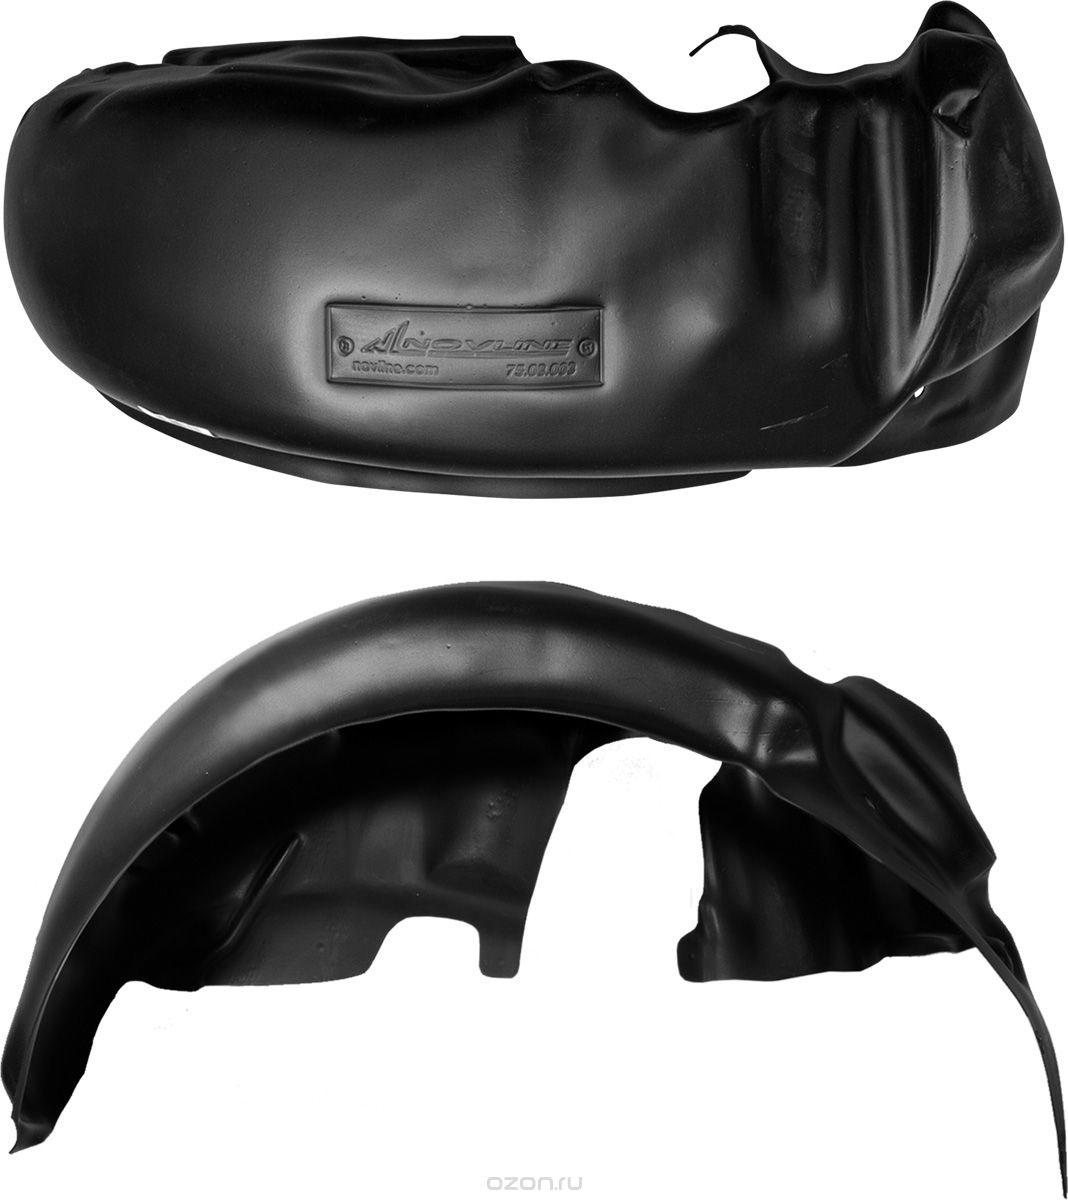 Подкрылок Novline-Autofamily, для FORD Focus III, 04/2011-2015, 2015-> сед., хб., задний левыйNLL.16.32.003Идеальная защита колесной ниши. Локеры разработаны с применением цифровых технологий, гарантируют максимальную повторяемость поверхности арки. Изделия устанавливаются без нарушения лакокрасочного покрытия автомобиля, каждый подкрылок комплектуется крепежом. Уважаемые клиенты, обращаем ваше внимание, что фотографии на подкрылки универсальные и не отражают реальную форму изделия. При этом само изделие идет точно под размер указанного автомобиля.